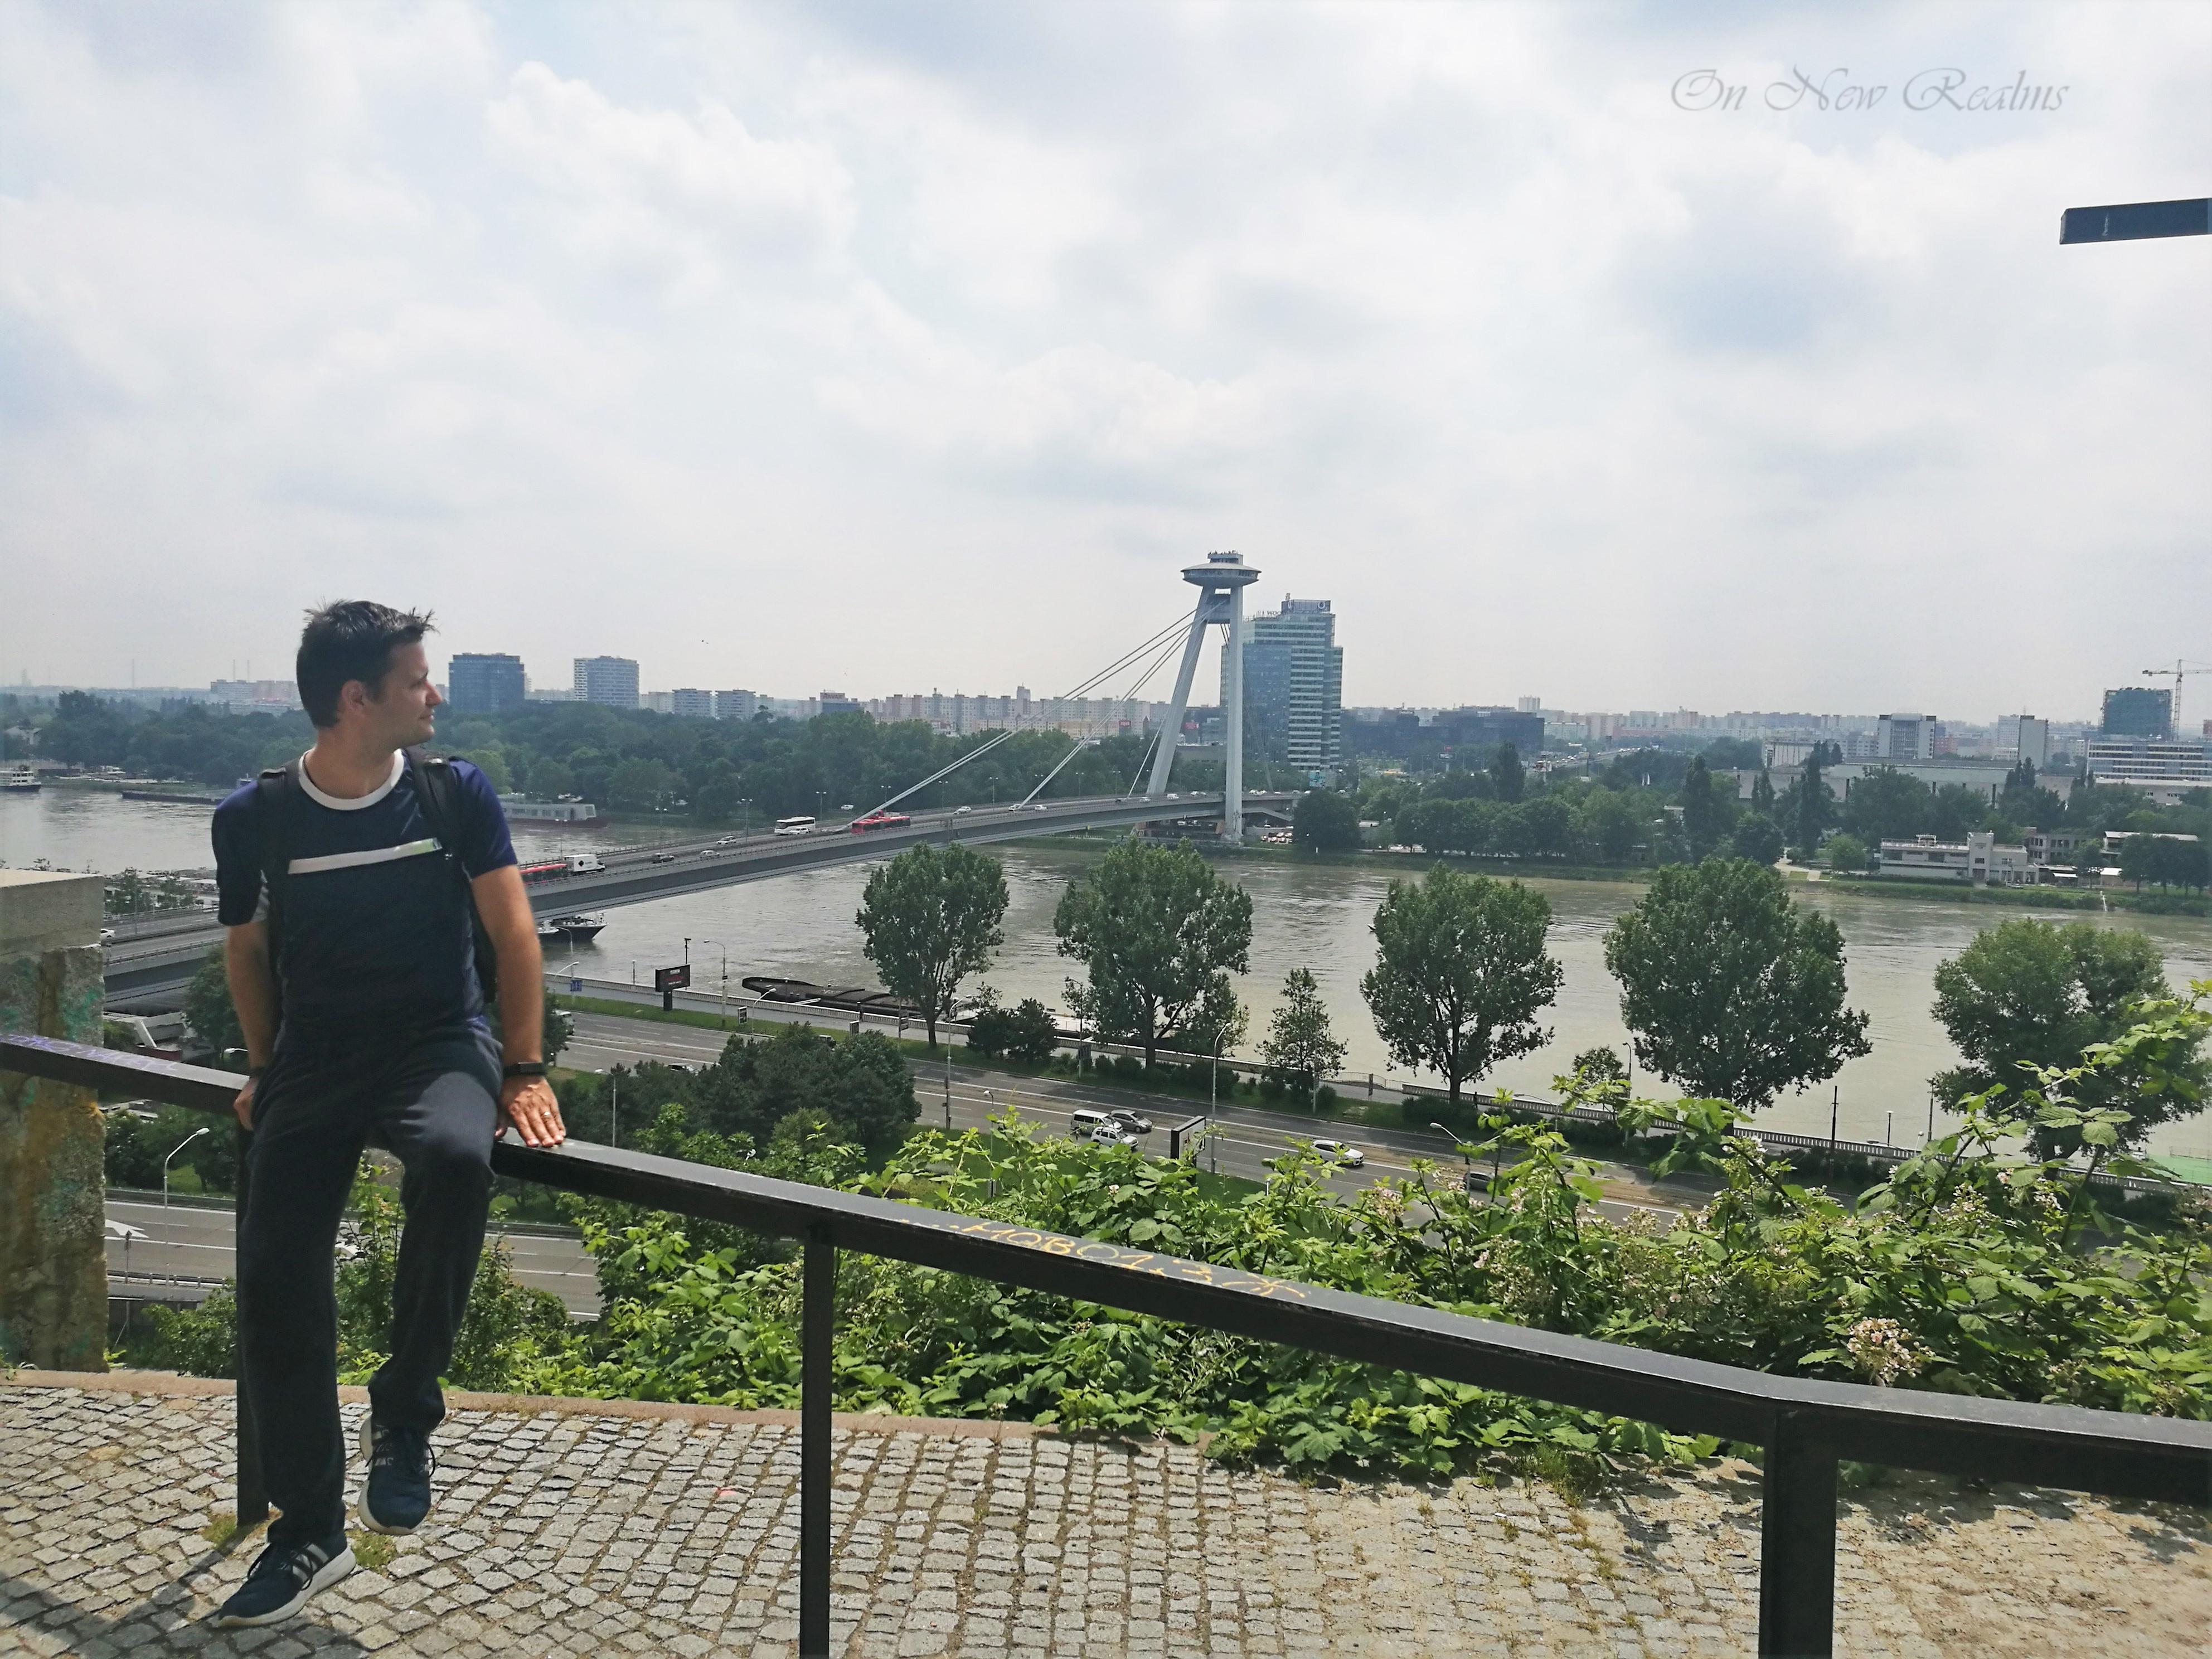 Danube-Bratislava